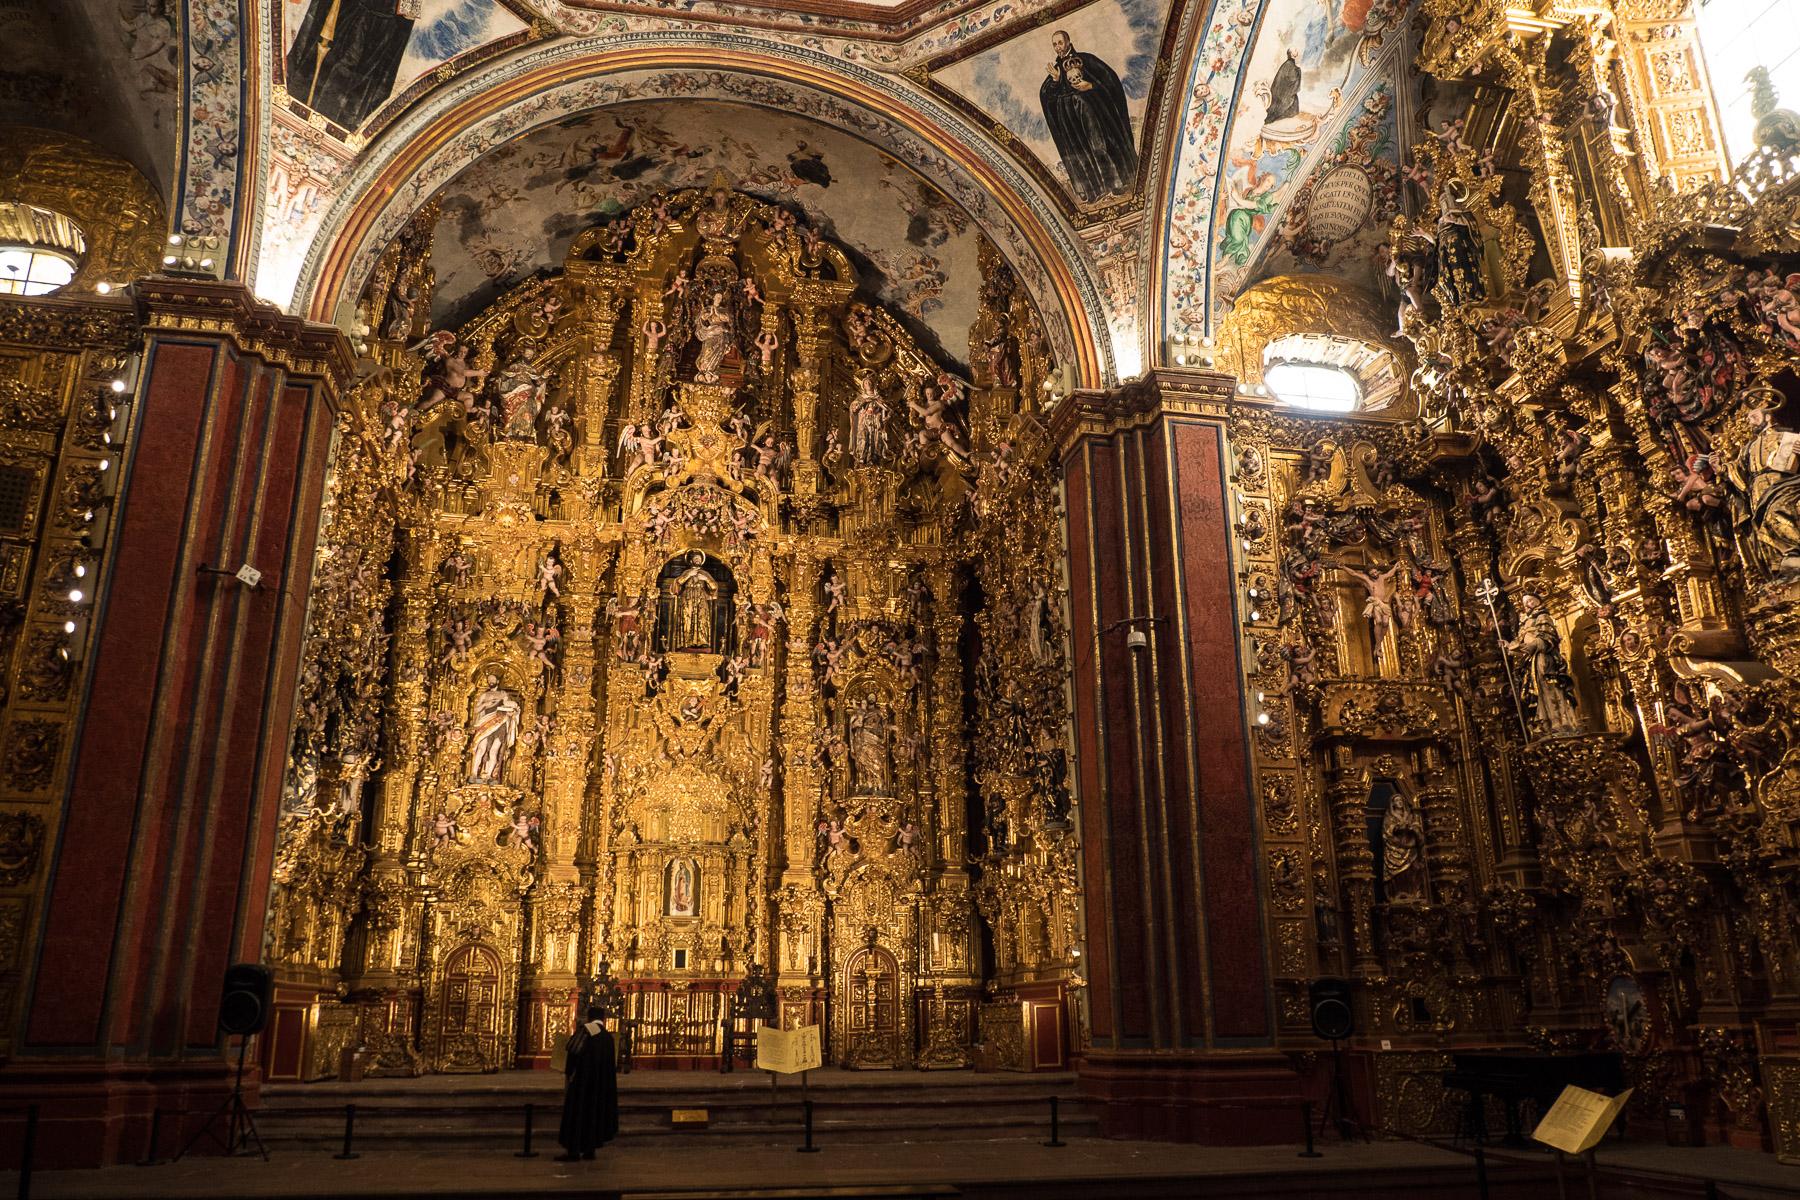 In der kleinen Kirche: Gold wohin das Auge blickt